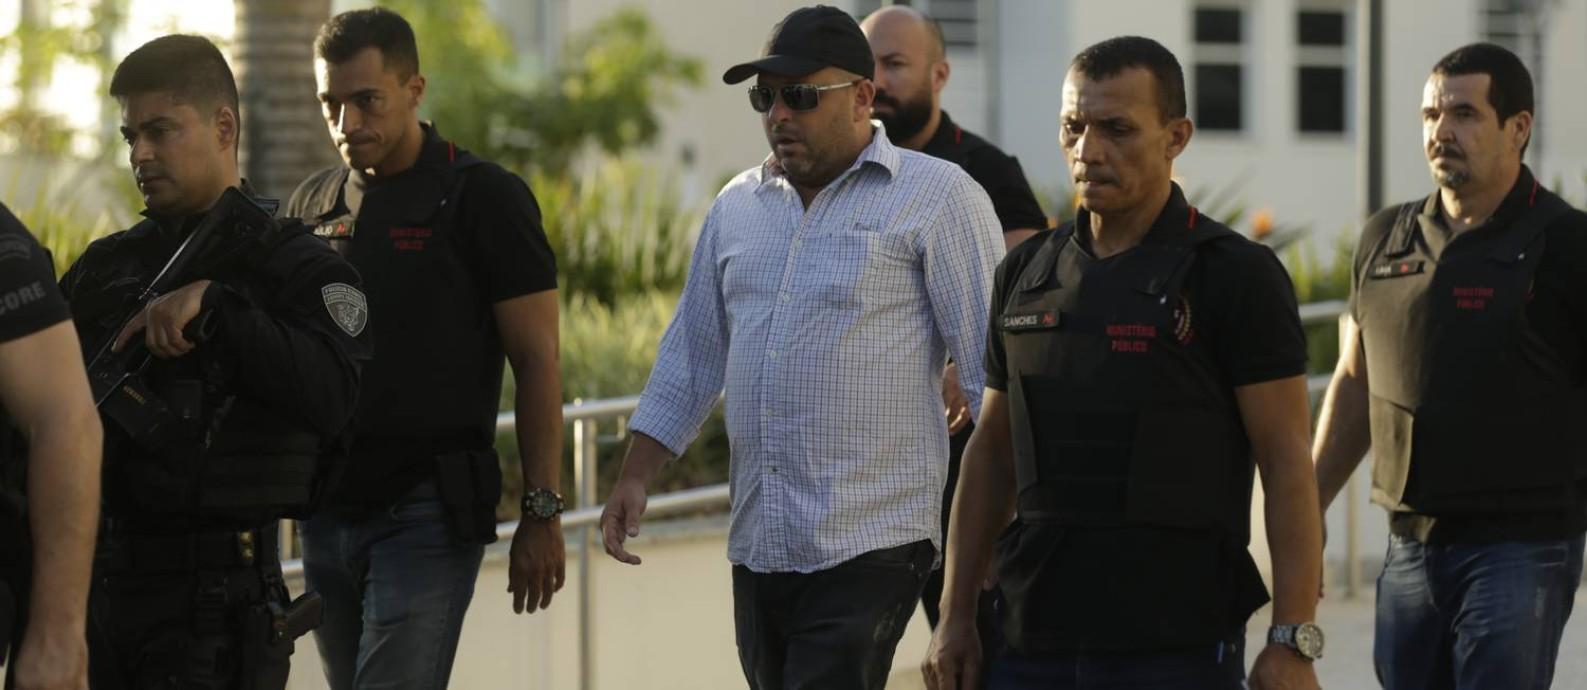 Cercado por policiais civis, Ronald é levado para a cadeia: ele foi um dos alvos da operação Os Intocáveis Foto: Gabriel Paiva